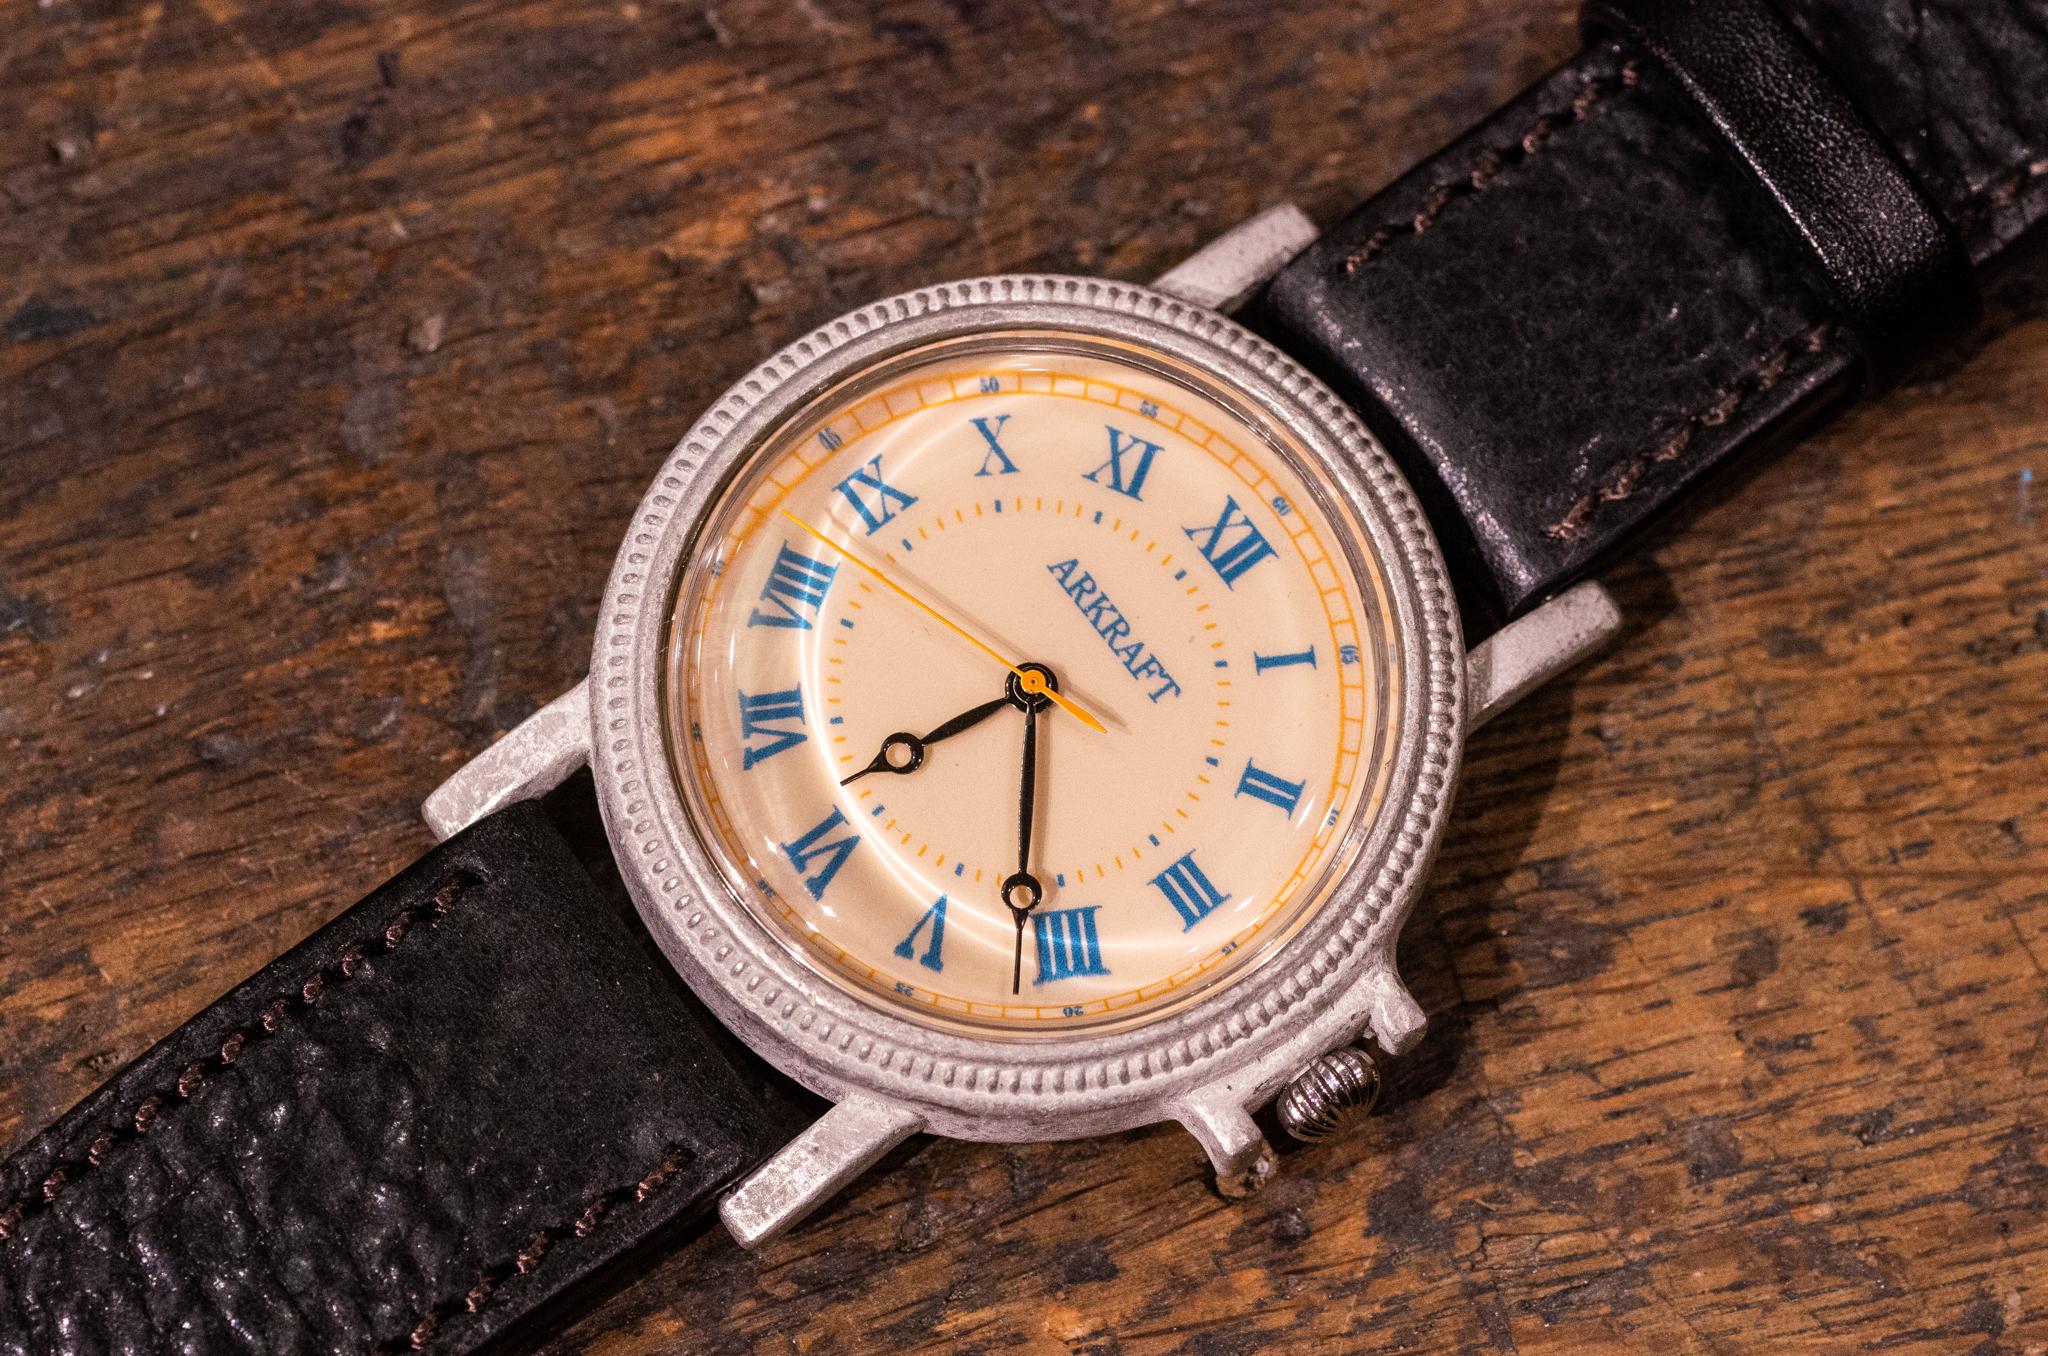 レトロ感とポップさを併せ持った大き目の腕時計(Franz Large/店頭在庫品)